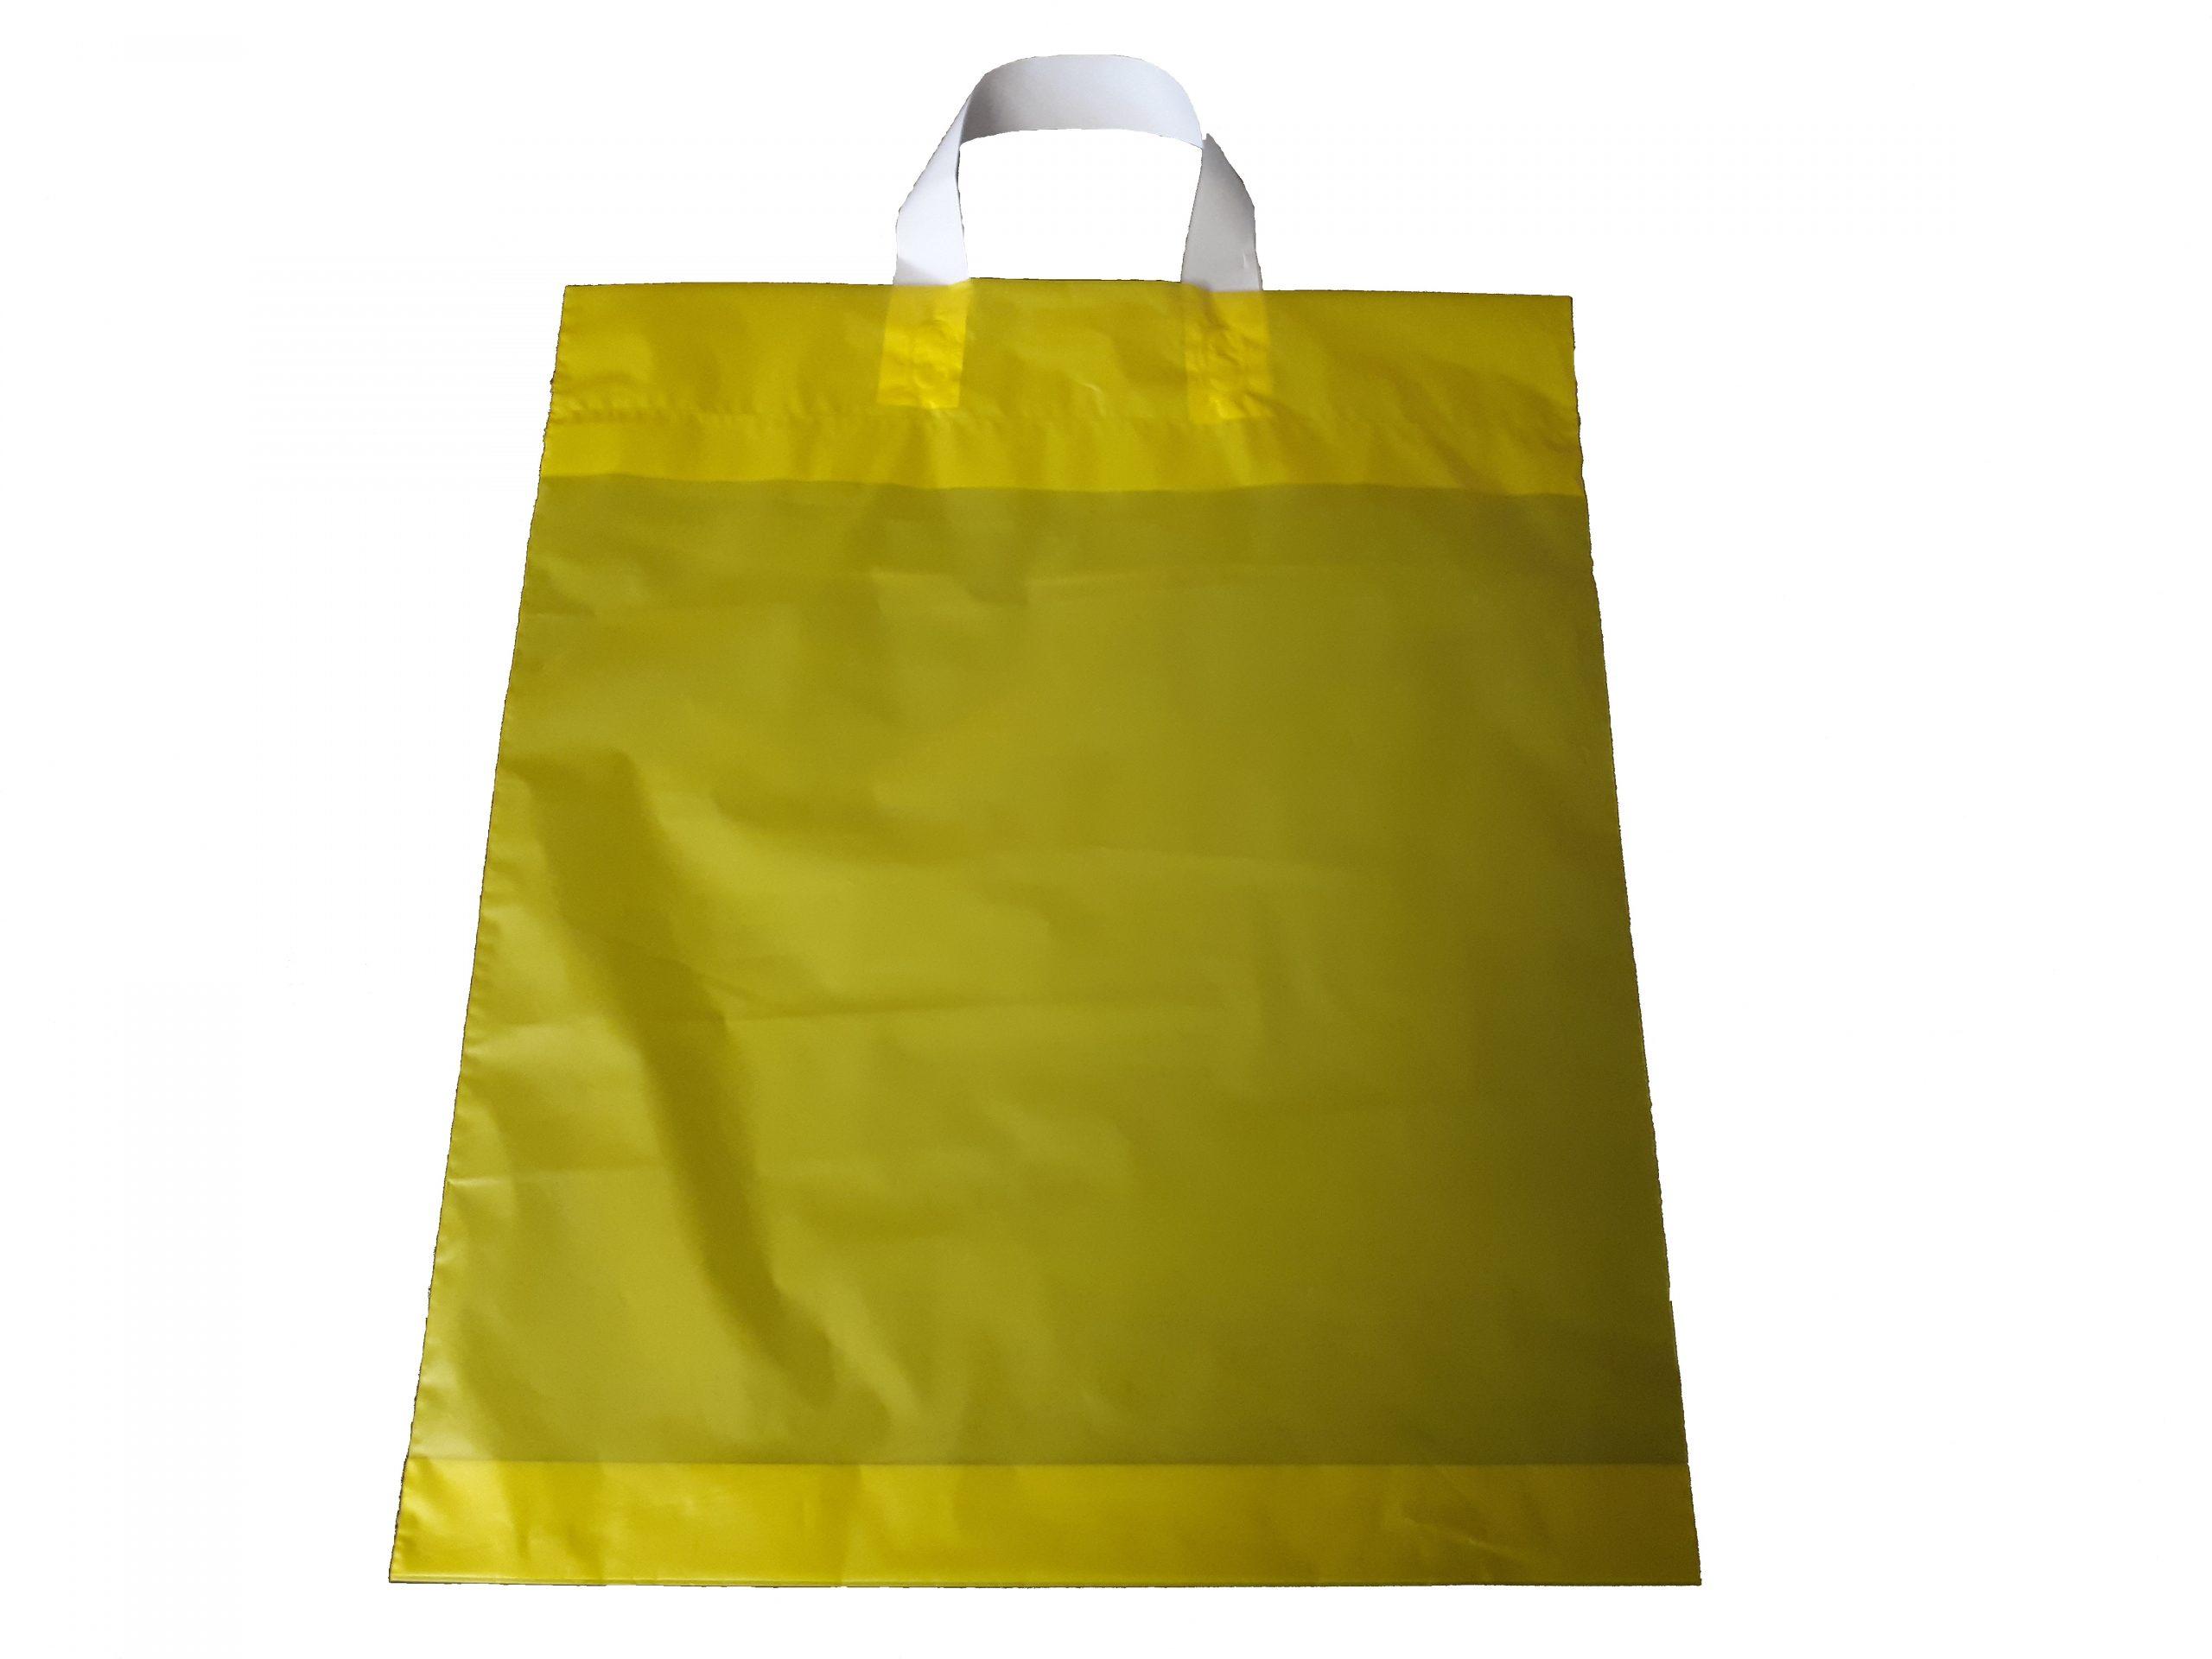 Schlaufentragetaschen, Farbig, Abverkauf, Solange Vorrat Reicht